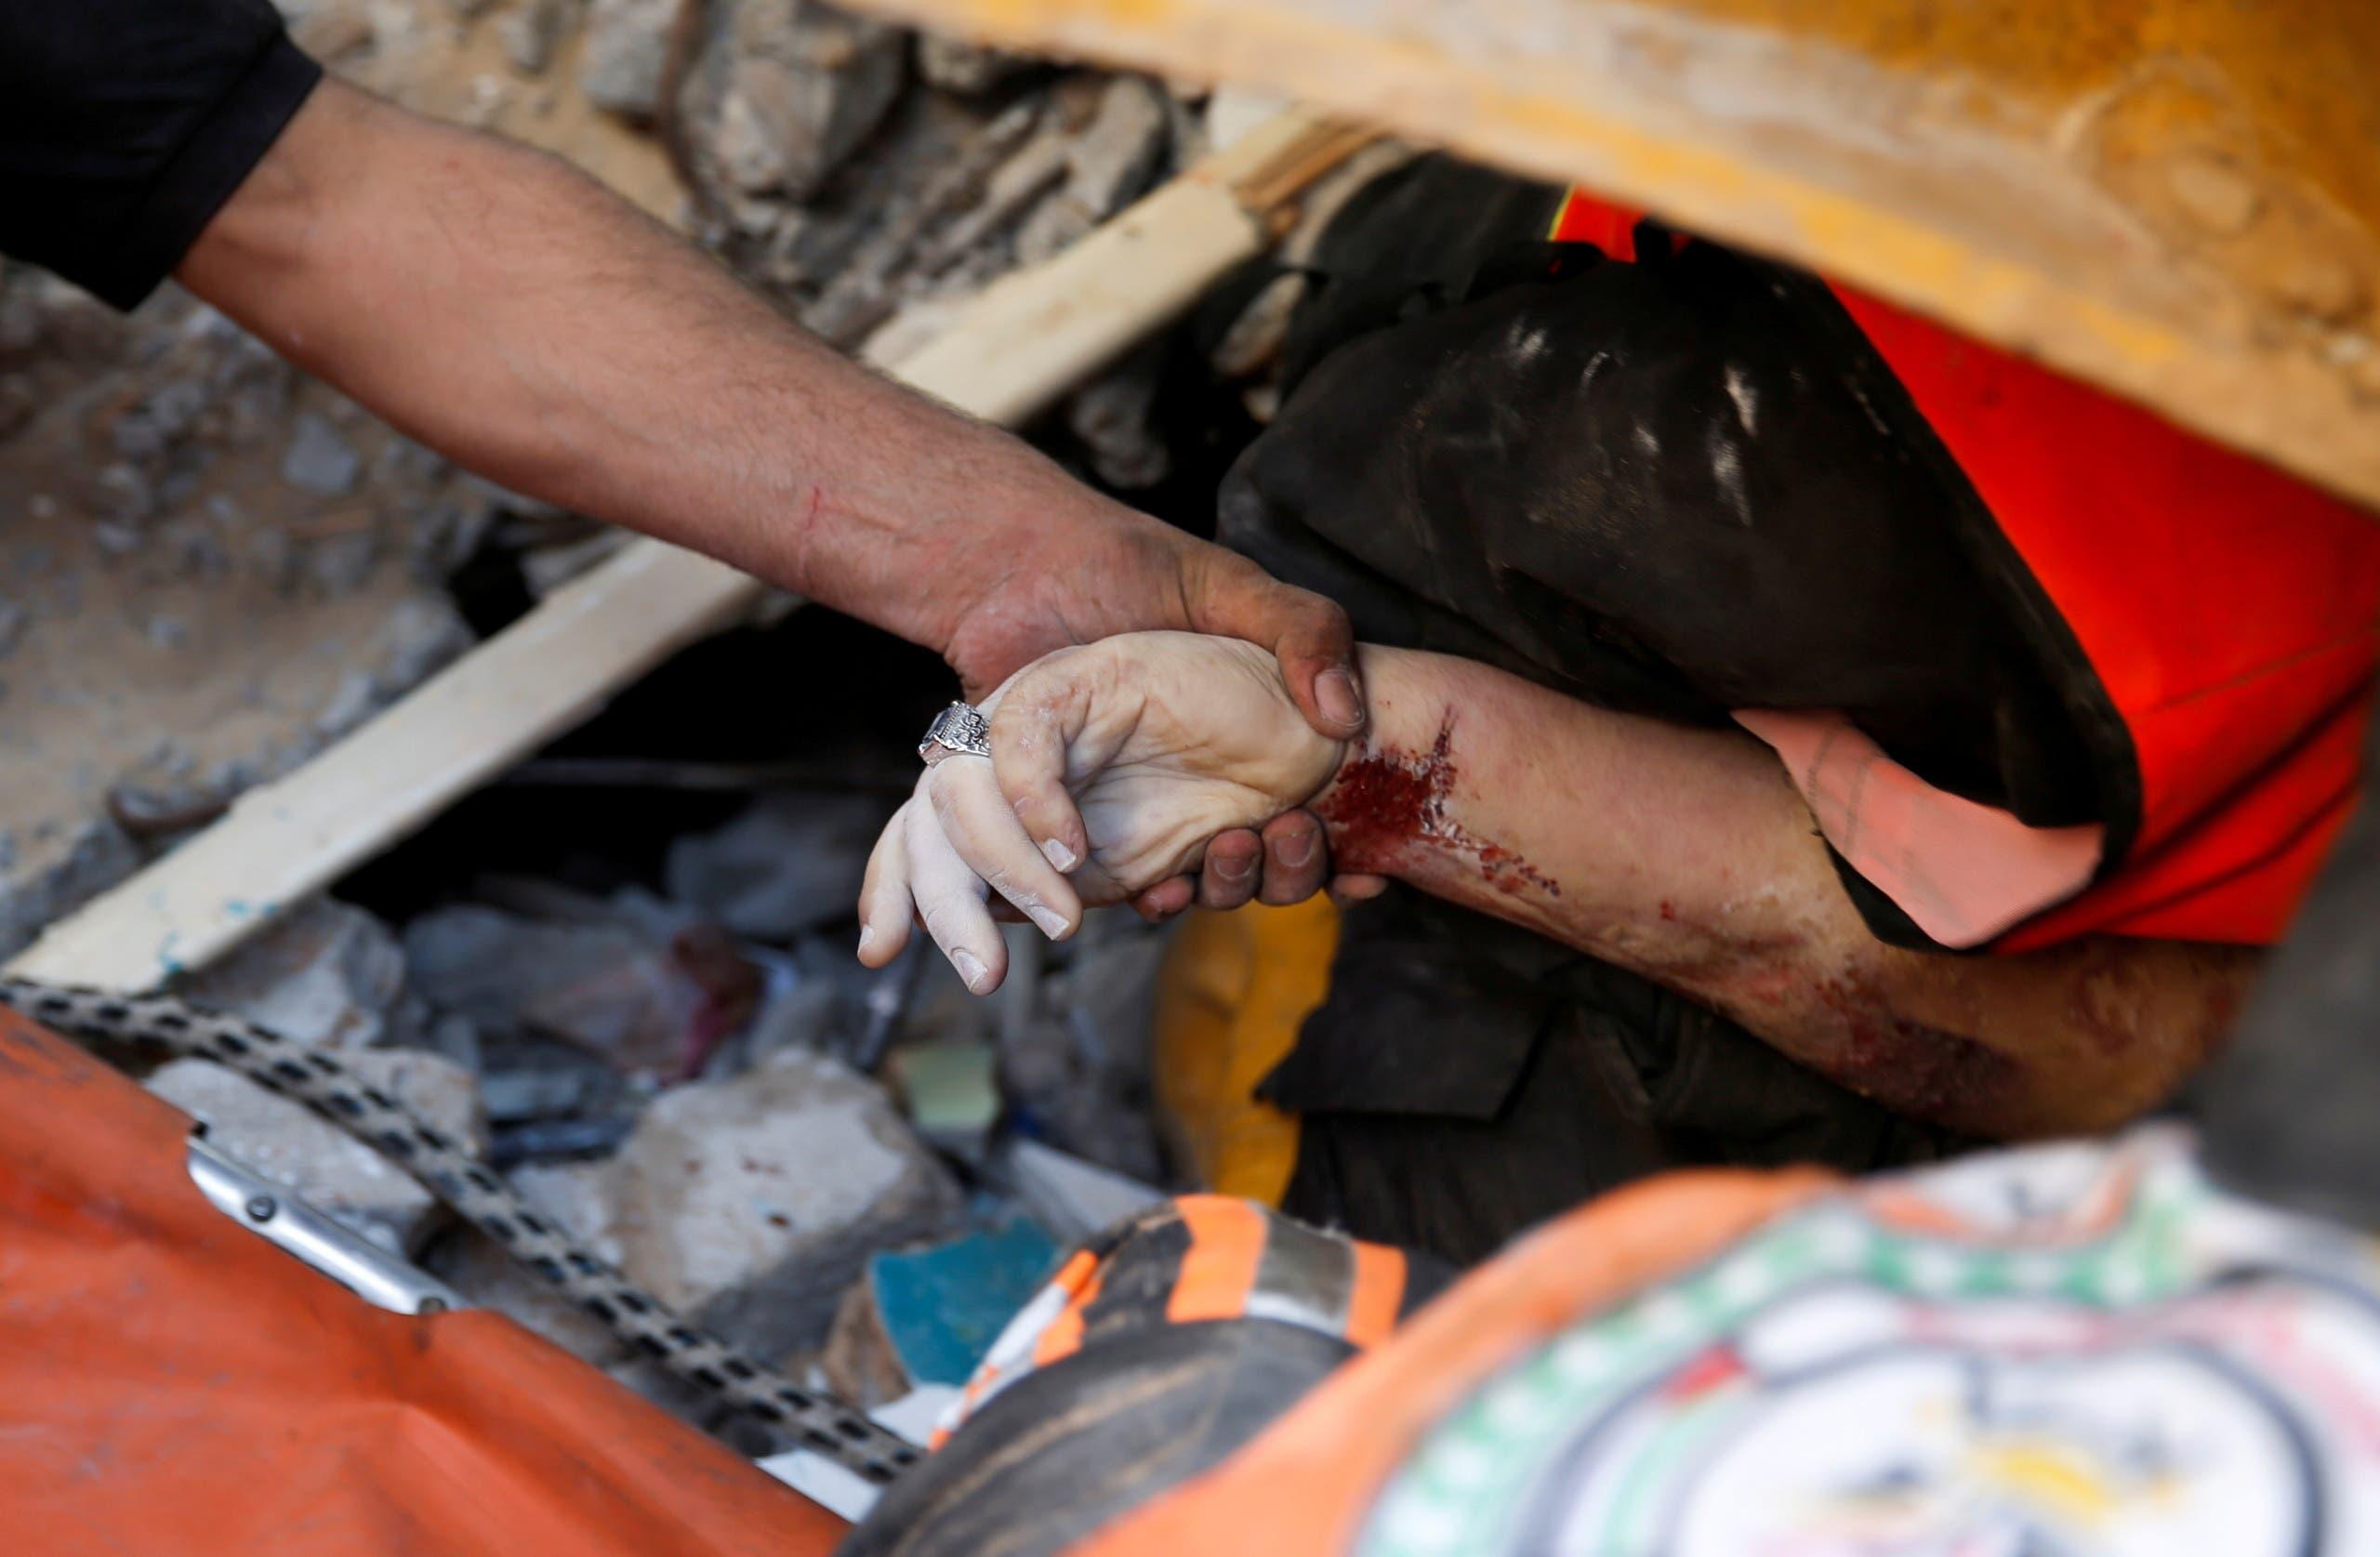 البحث عن ناجين وجثث تحت انقاض مبنى مهدم في غزة بسبب القصف الإسرائيلي